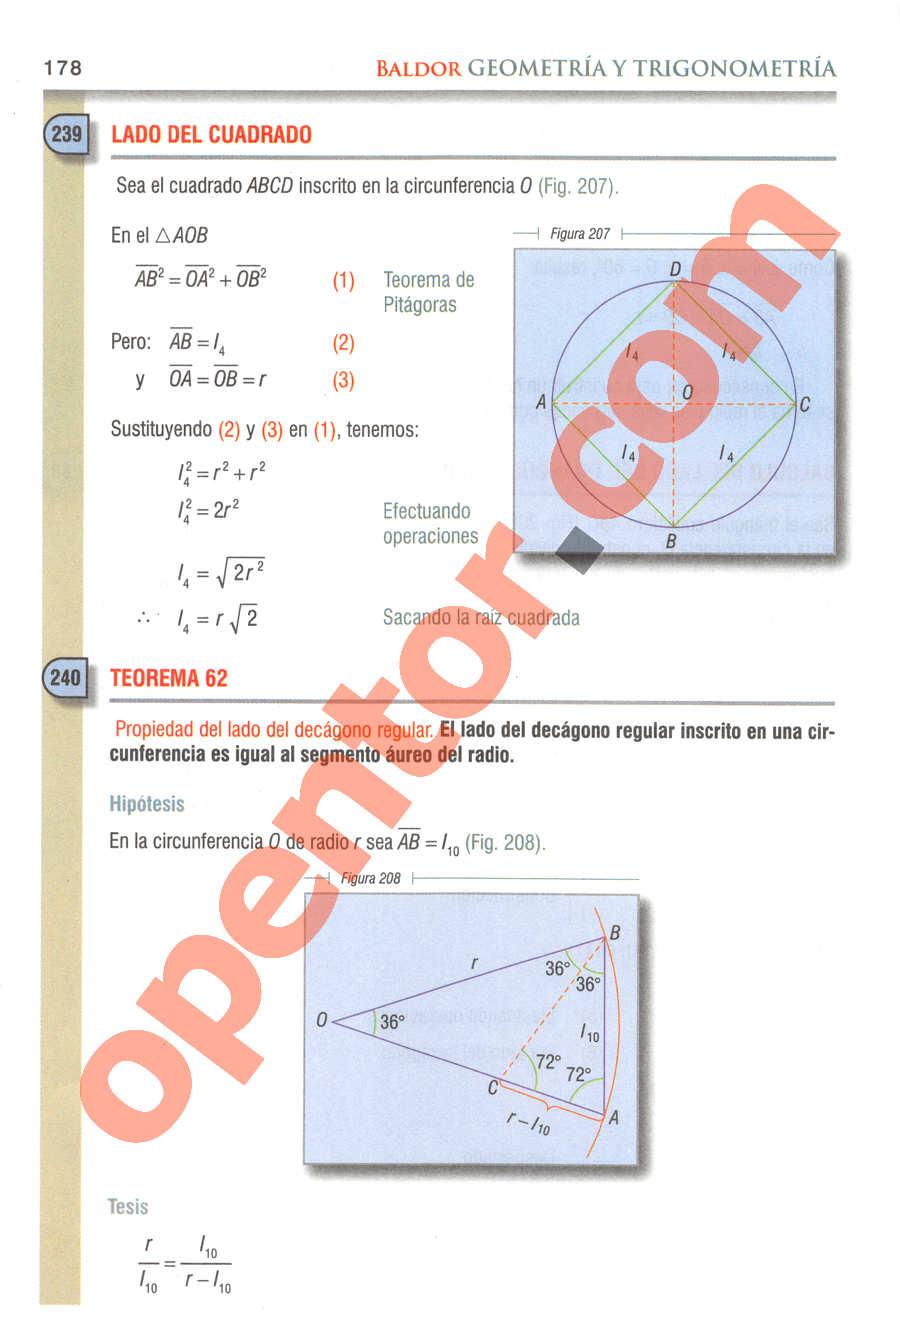 Geometría y Trigonometría de Baldor - Página 178